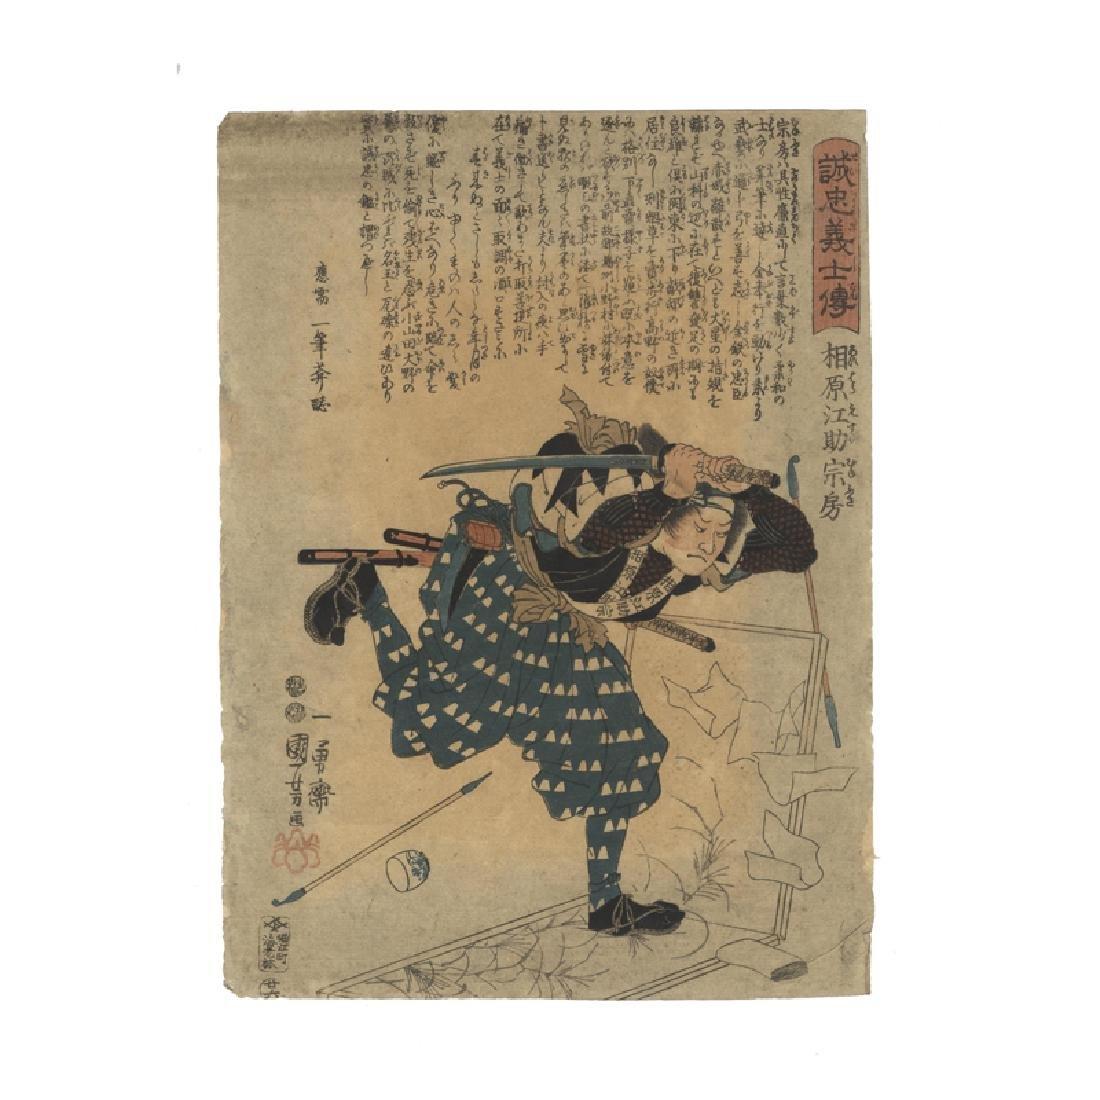 Utagawa Hiroshige: Samurai & Male